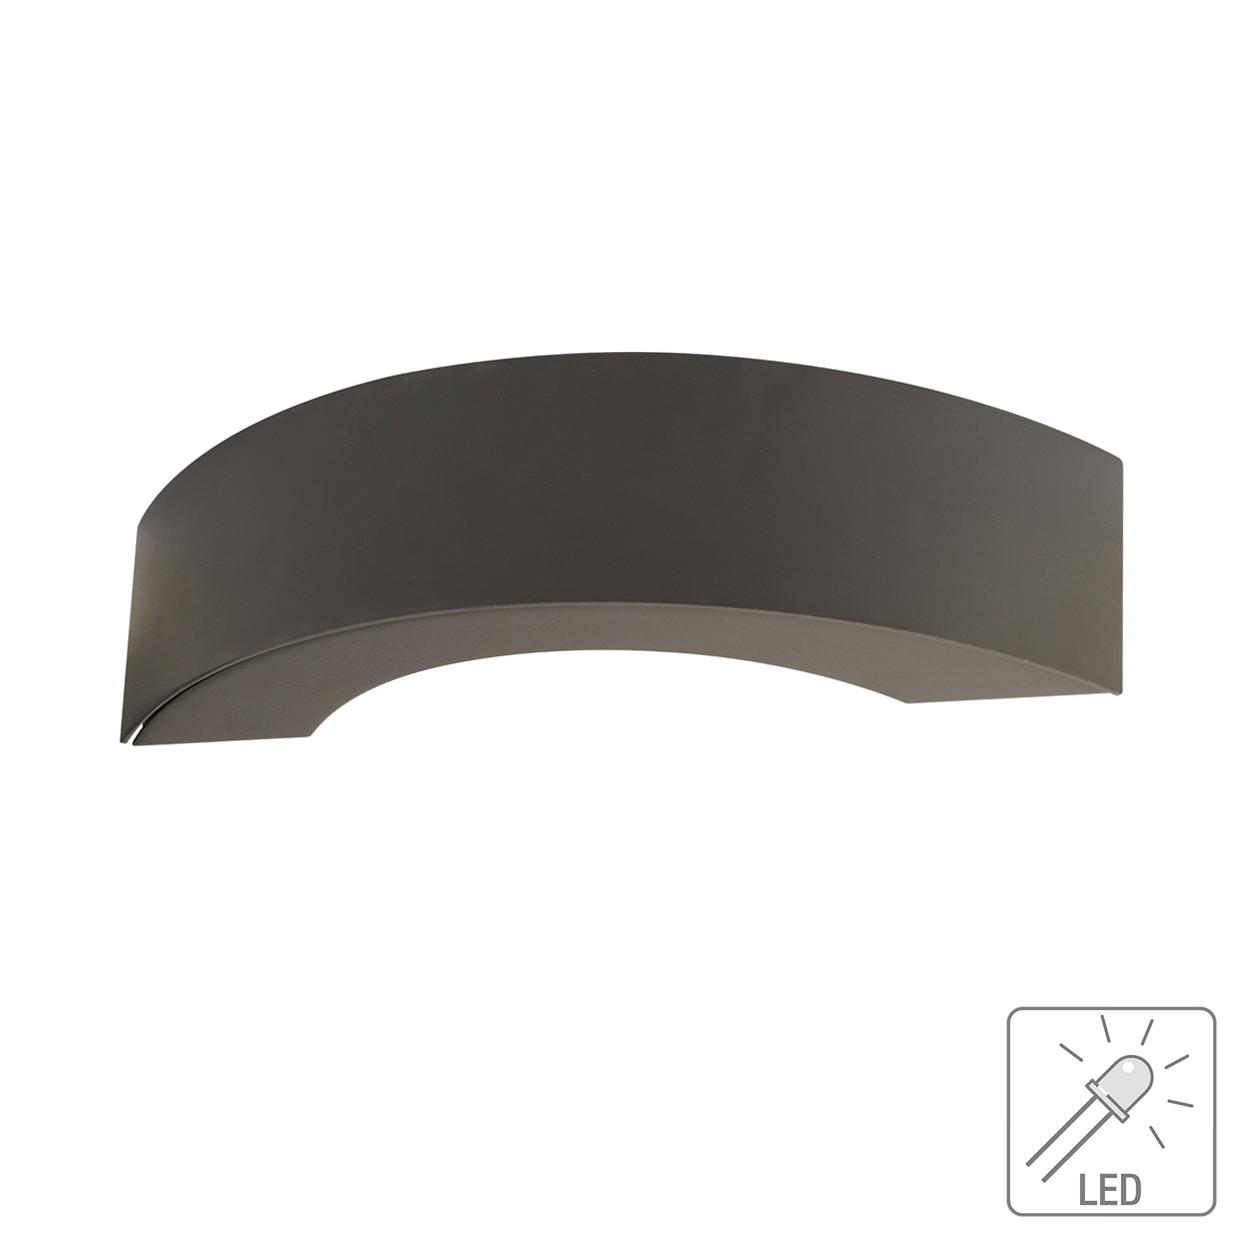 EEK A+, LED-Außen-Wandleuchte Curve 3-flammig - Grau Aluminium, Näve